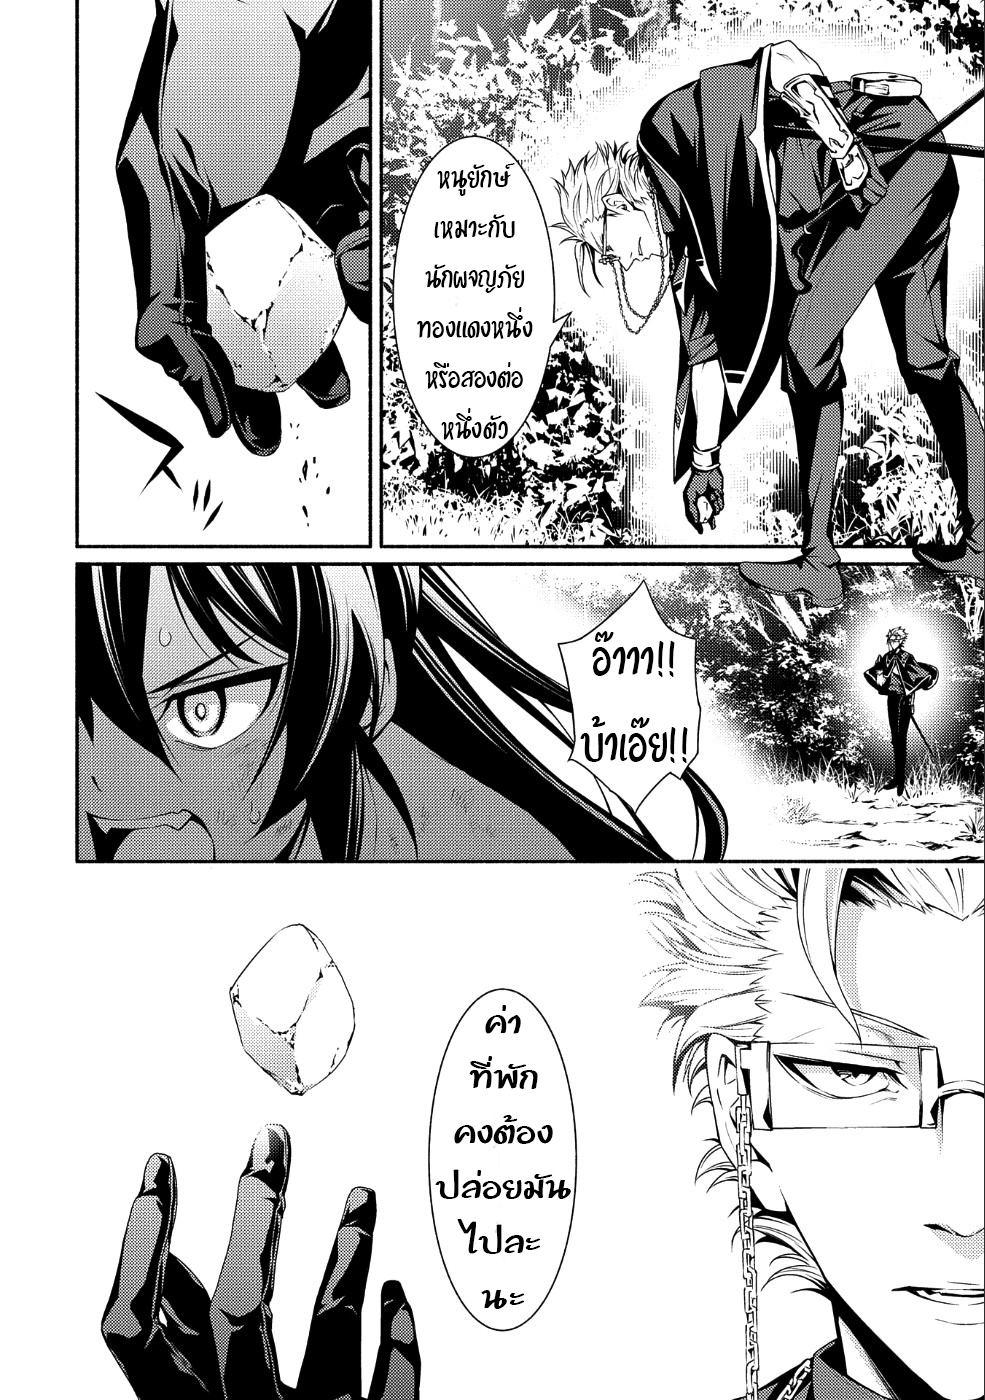 อ่านการ์ตูน Saikyou Party no Zatsuyougakari Ossan wa Muriyari Kyuuka o Tora Sareta you desu ตอนที่ 1 หน้าที่ 29